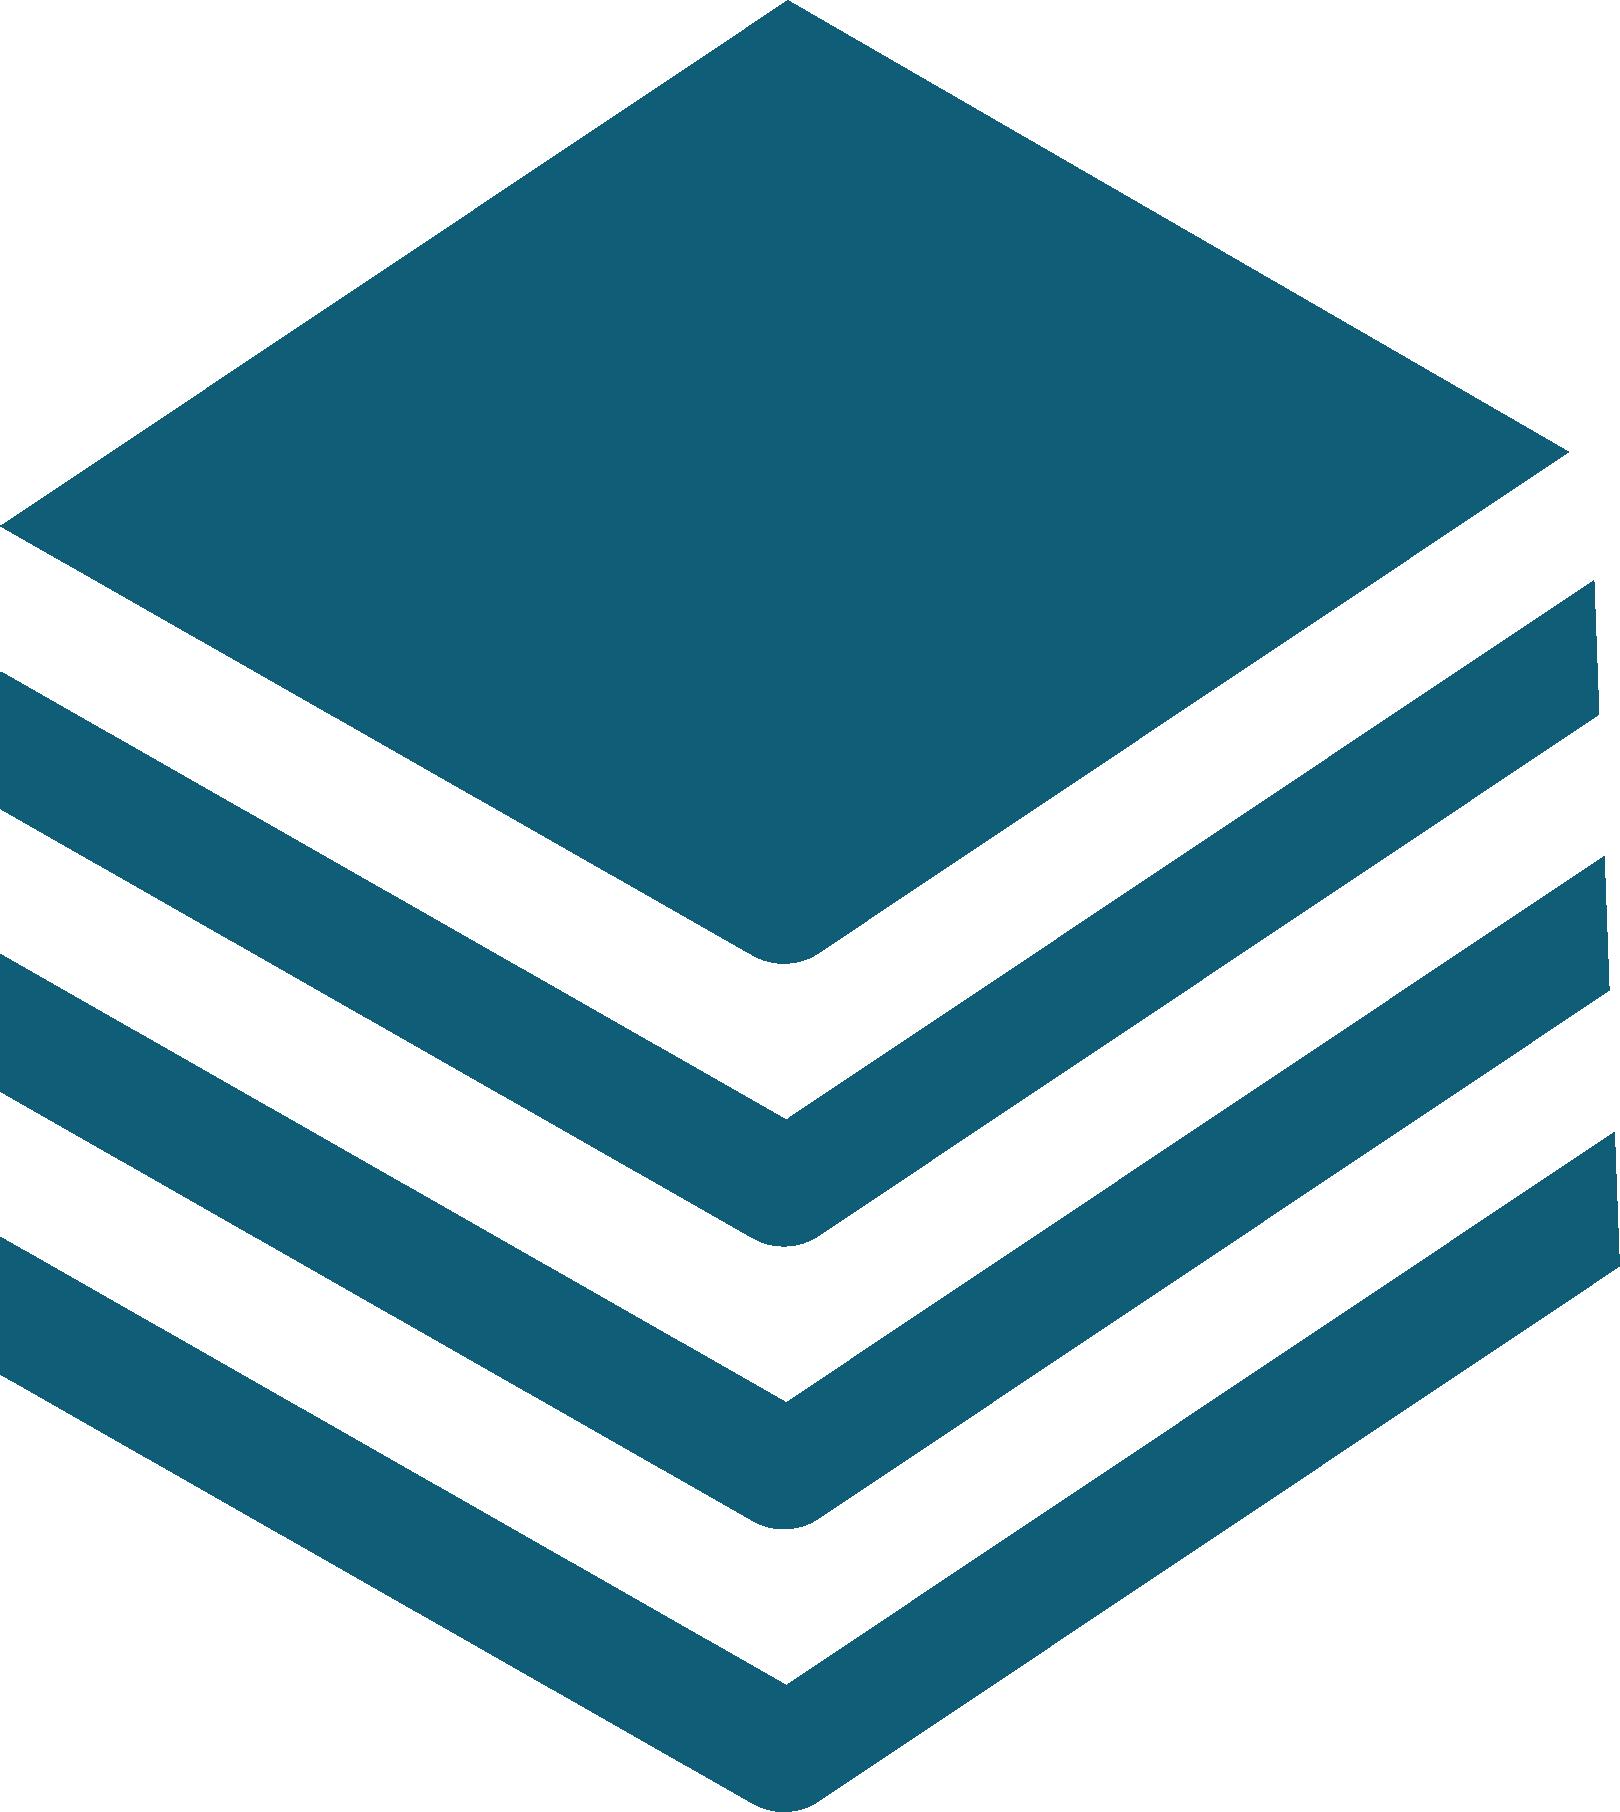 logo_azul_fuerte_sin_texto.png